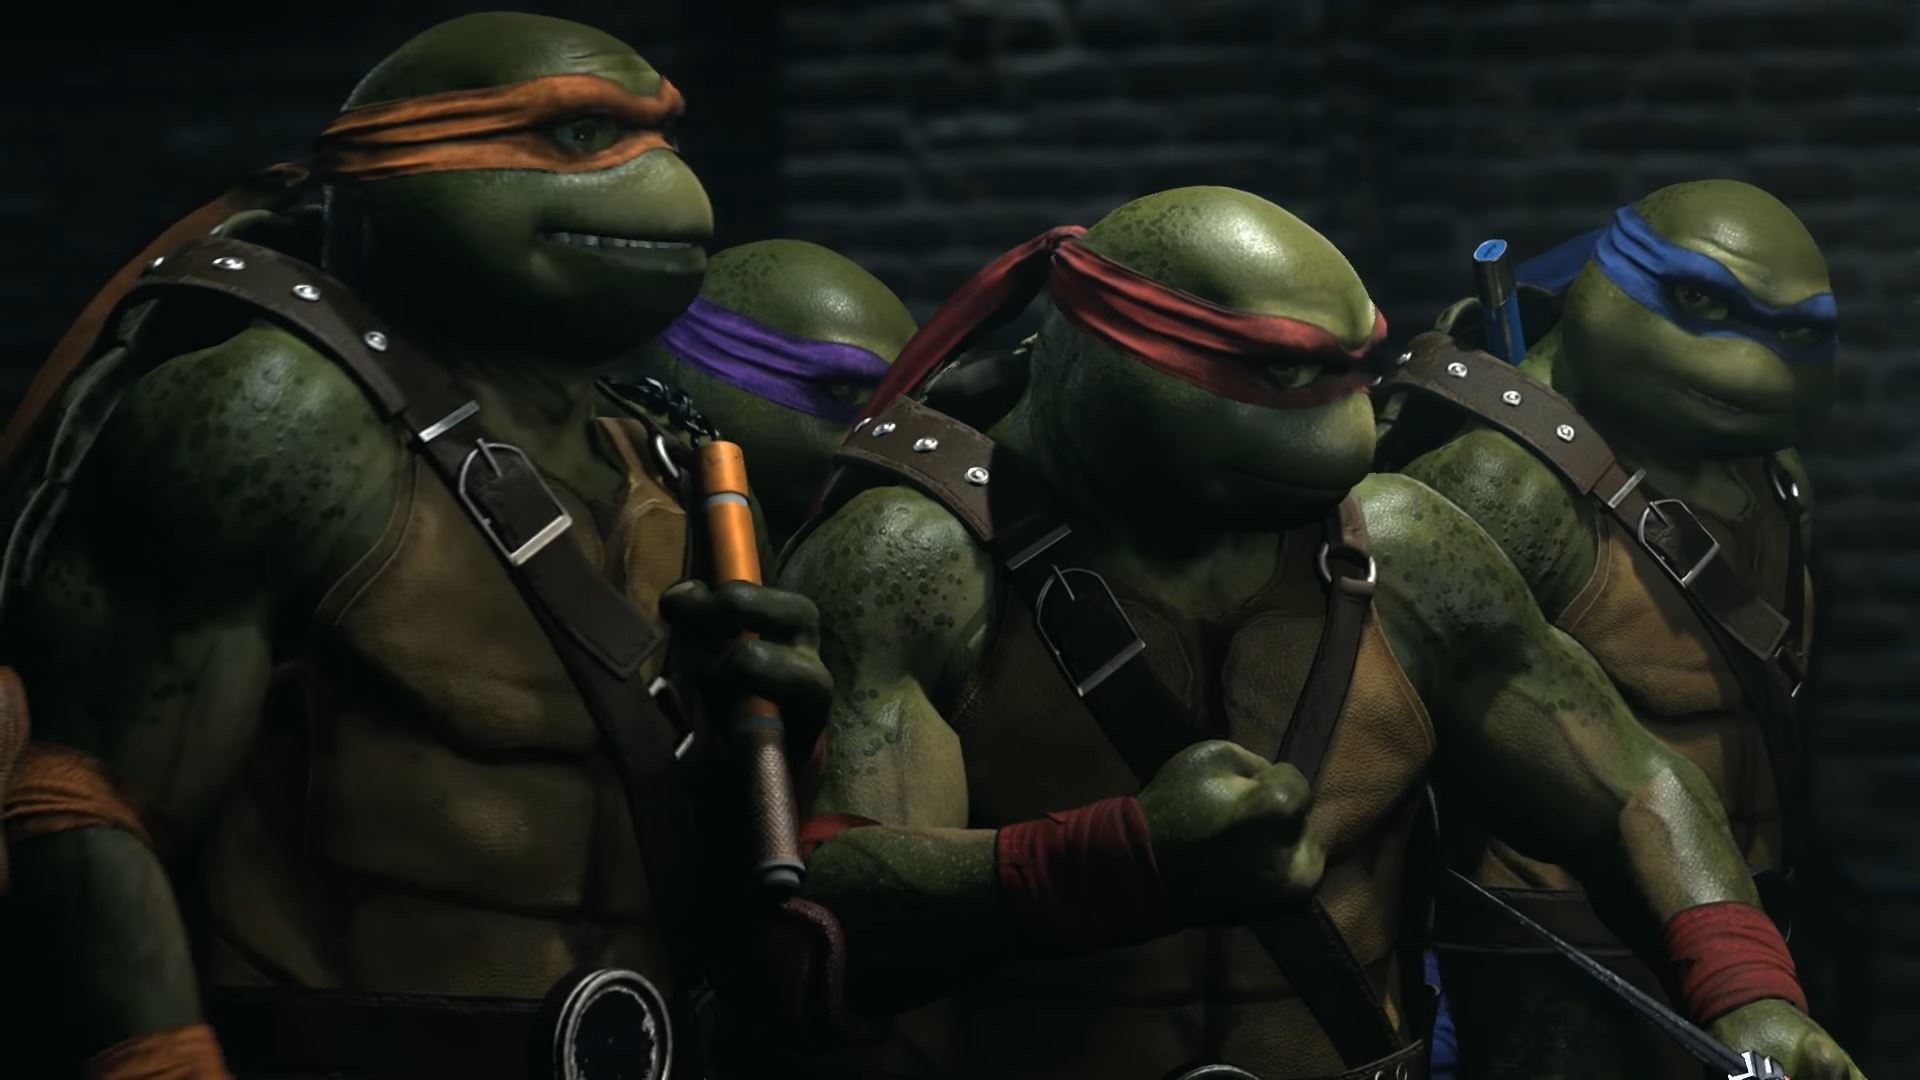 Teenage Mutant Ninja Turtles 2018 Wallpaper (72+ images)  Teenage Mutant ...